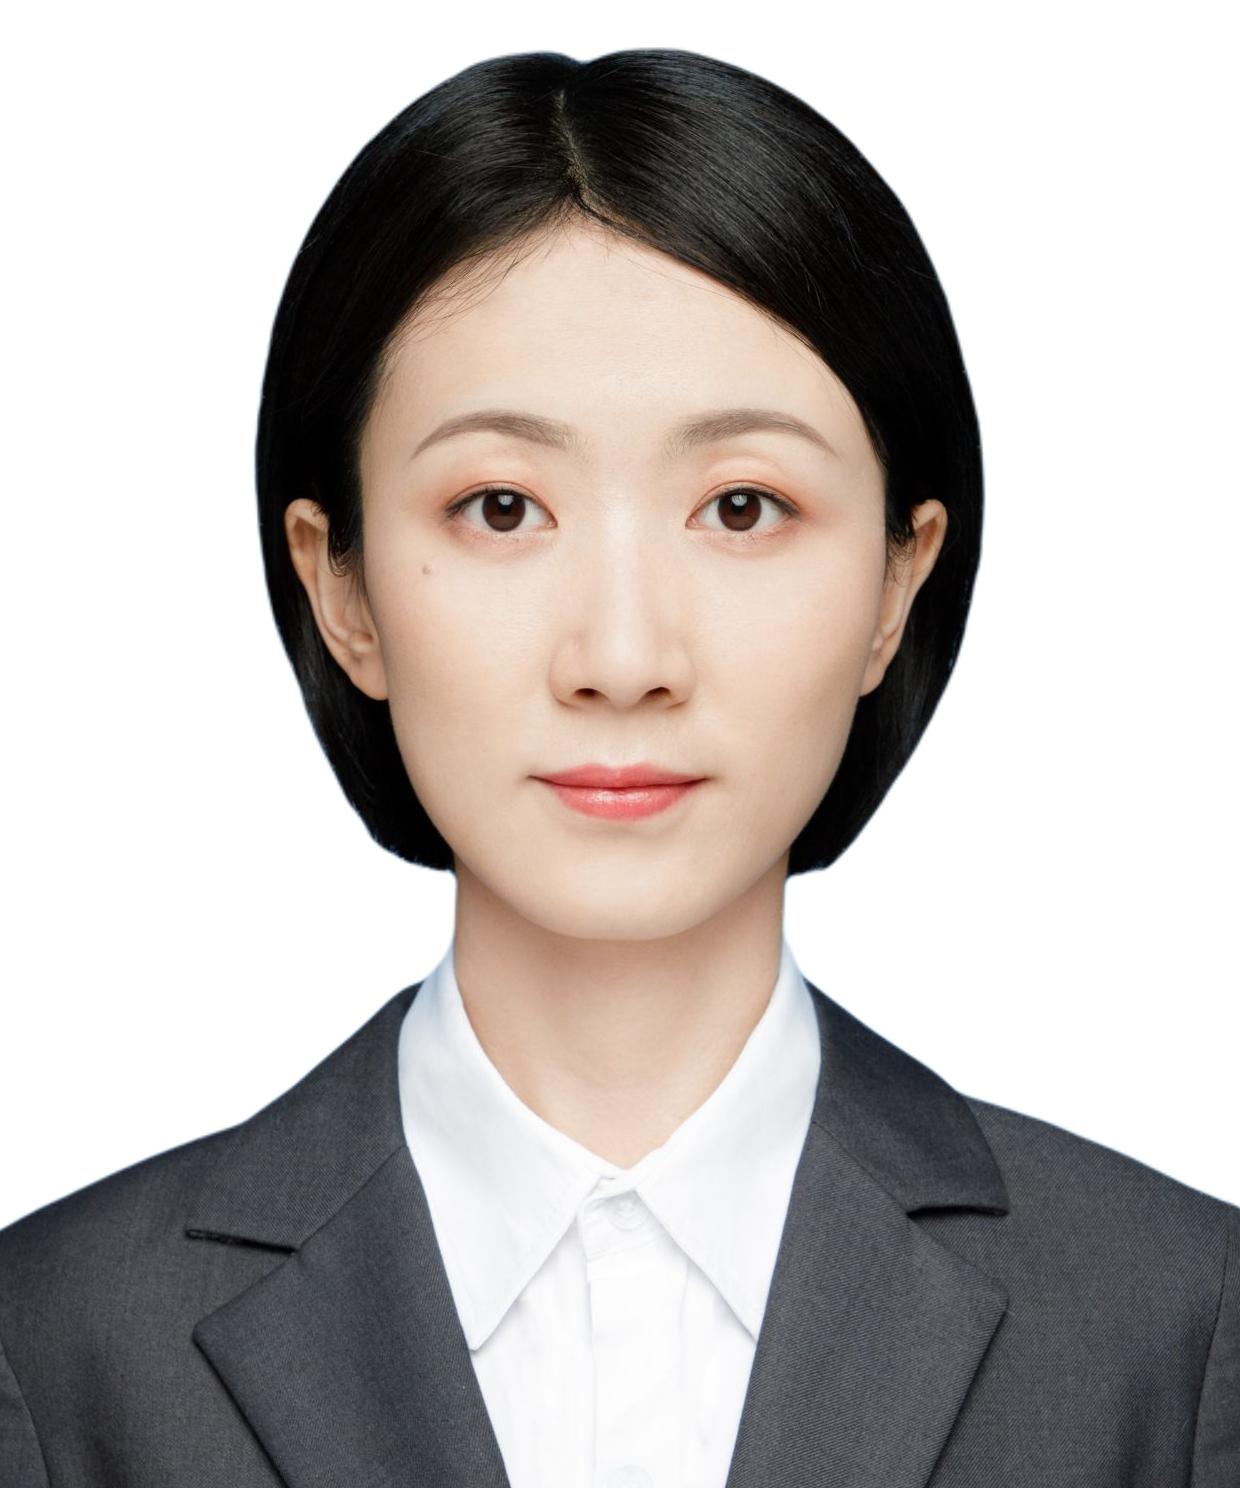 崔盛楠 隆安律师事务所 债券受托管理人制